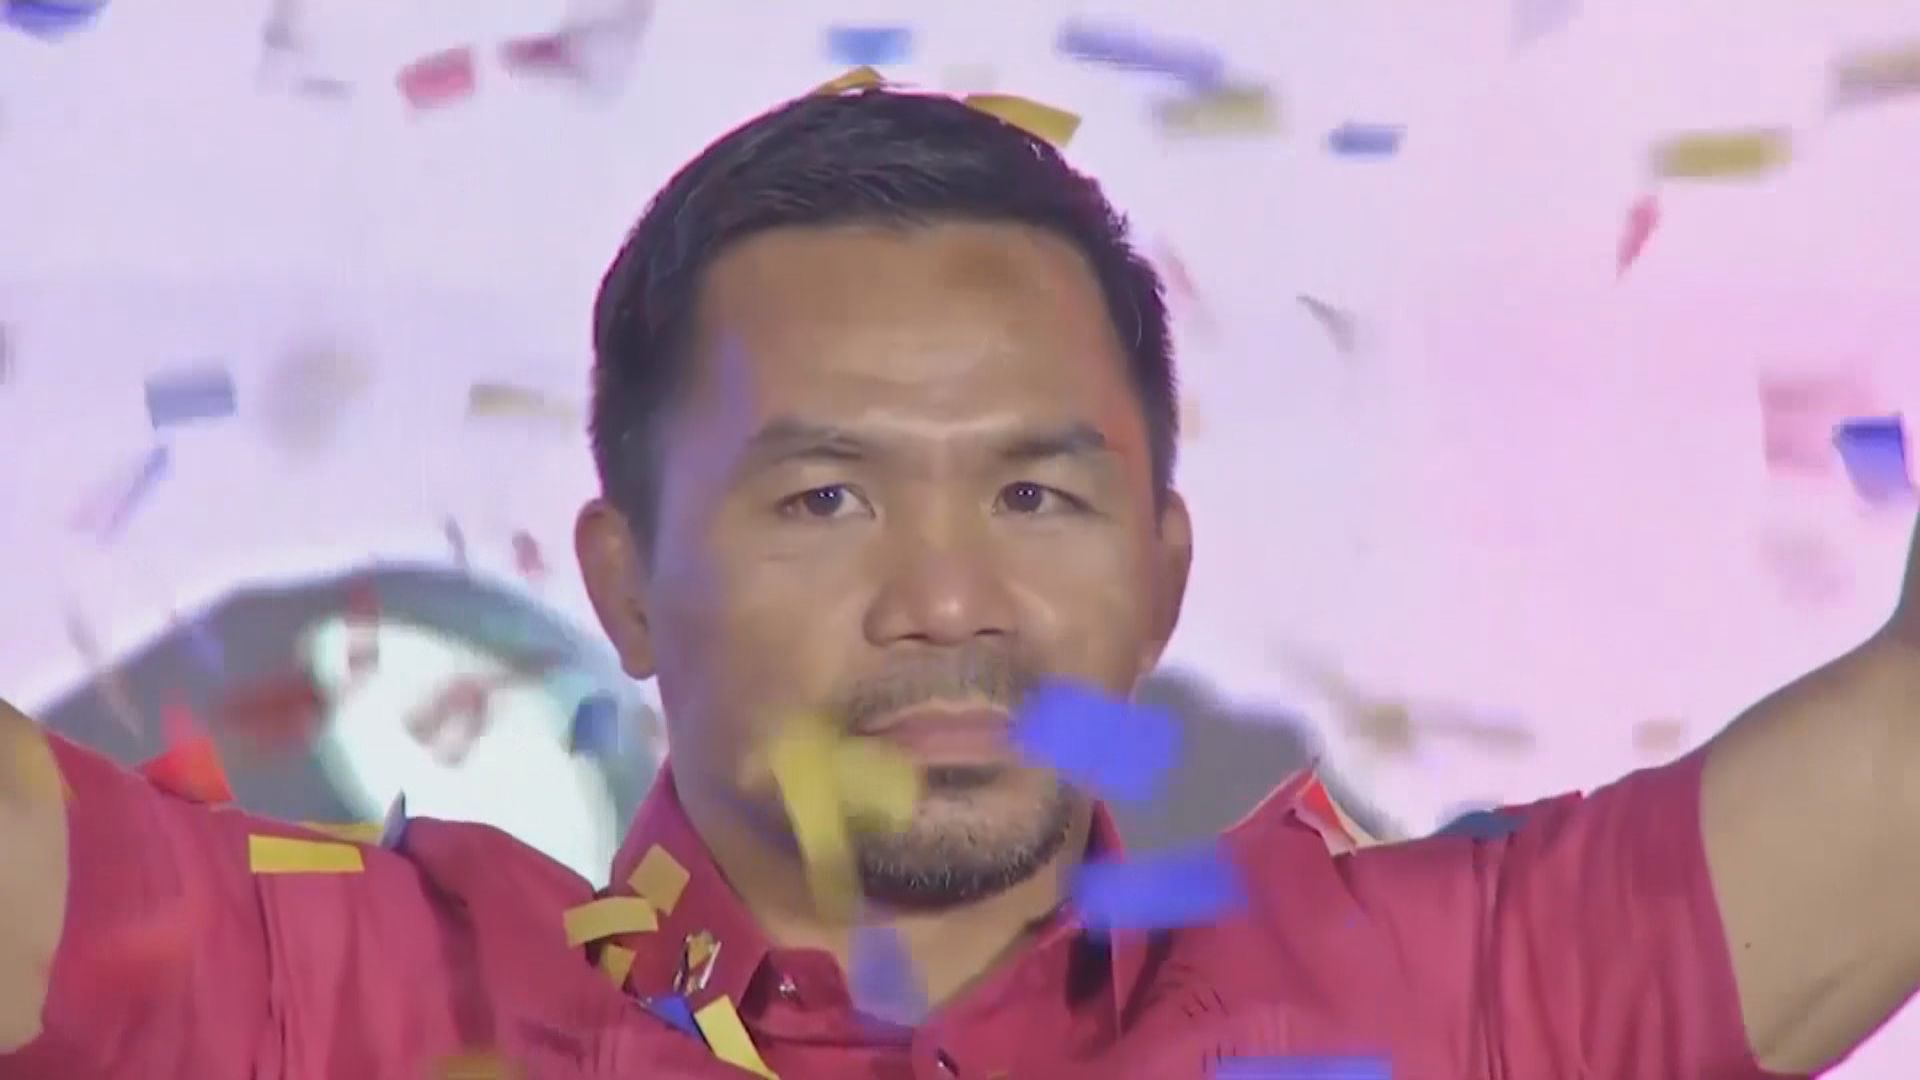 【環球薈報】拳王帕奎奧宣布參選菲律賓總統